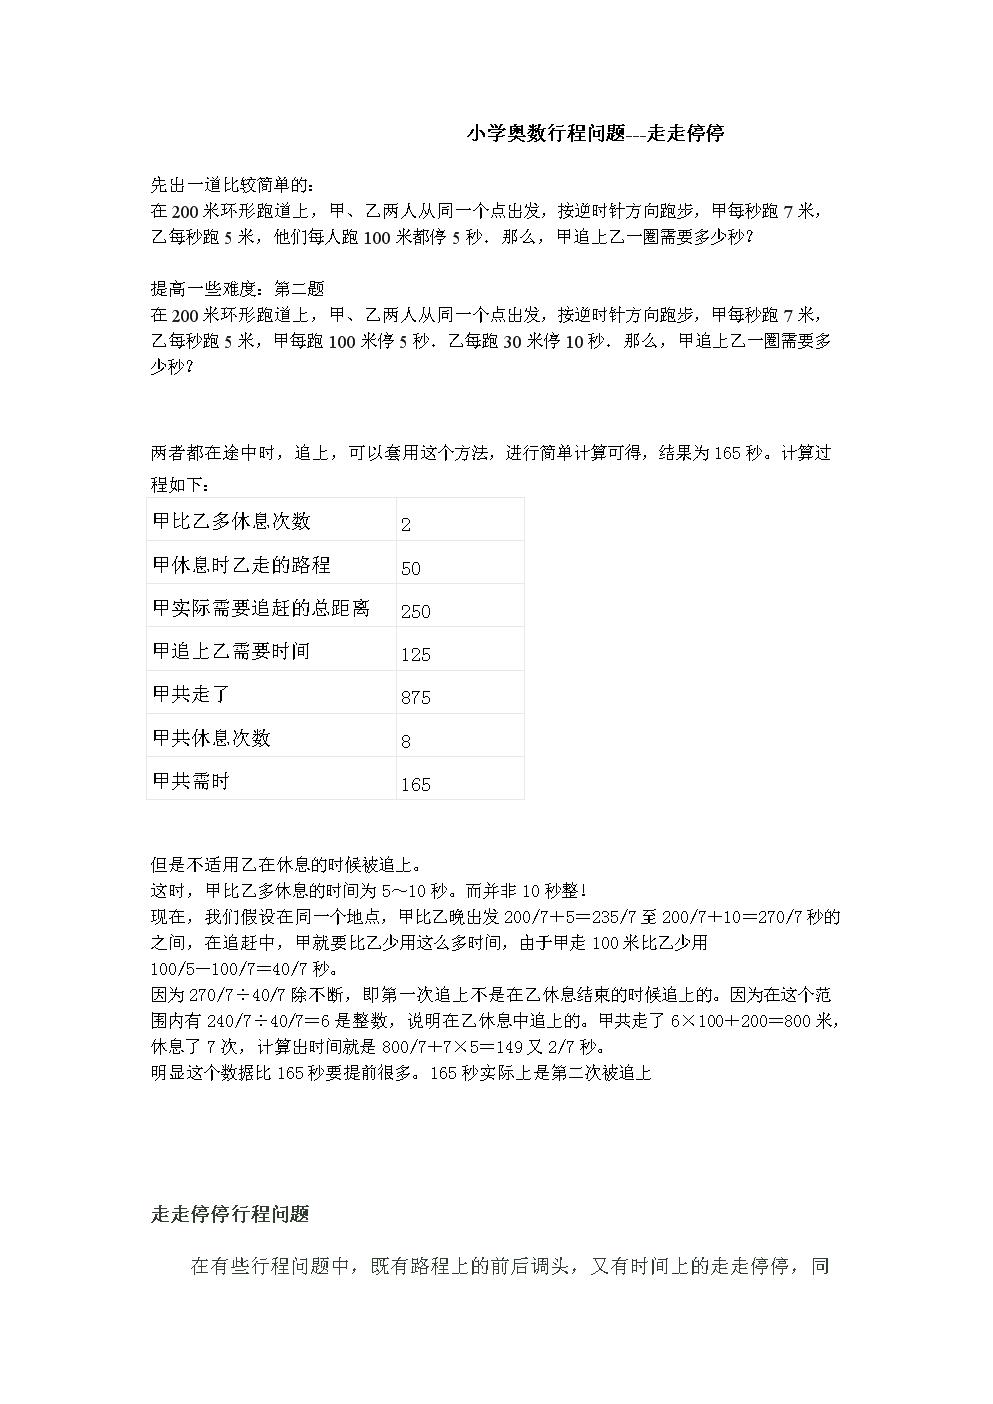 2016问题小学行程奥数(走走停停).doc十八小学房区淮南图片